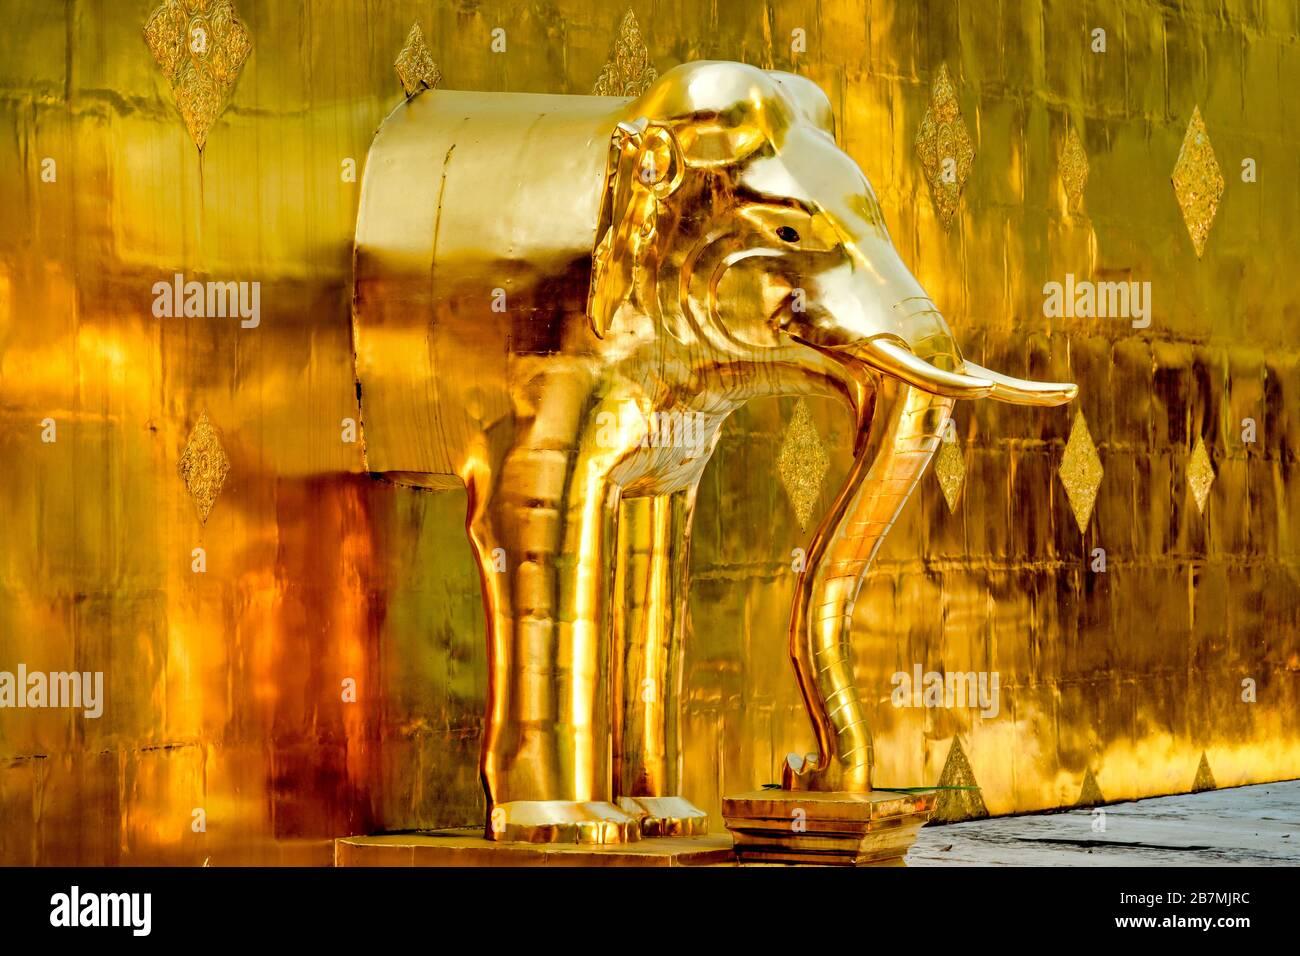 Dettaglio del chedi d'oro su Wat Phra Singh, Chiang mai, Thailandia Foto Stock